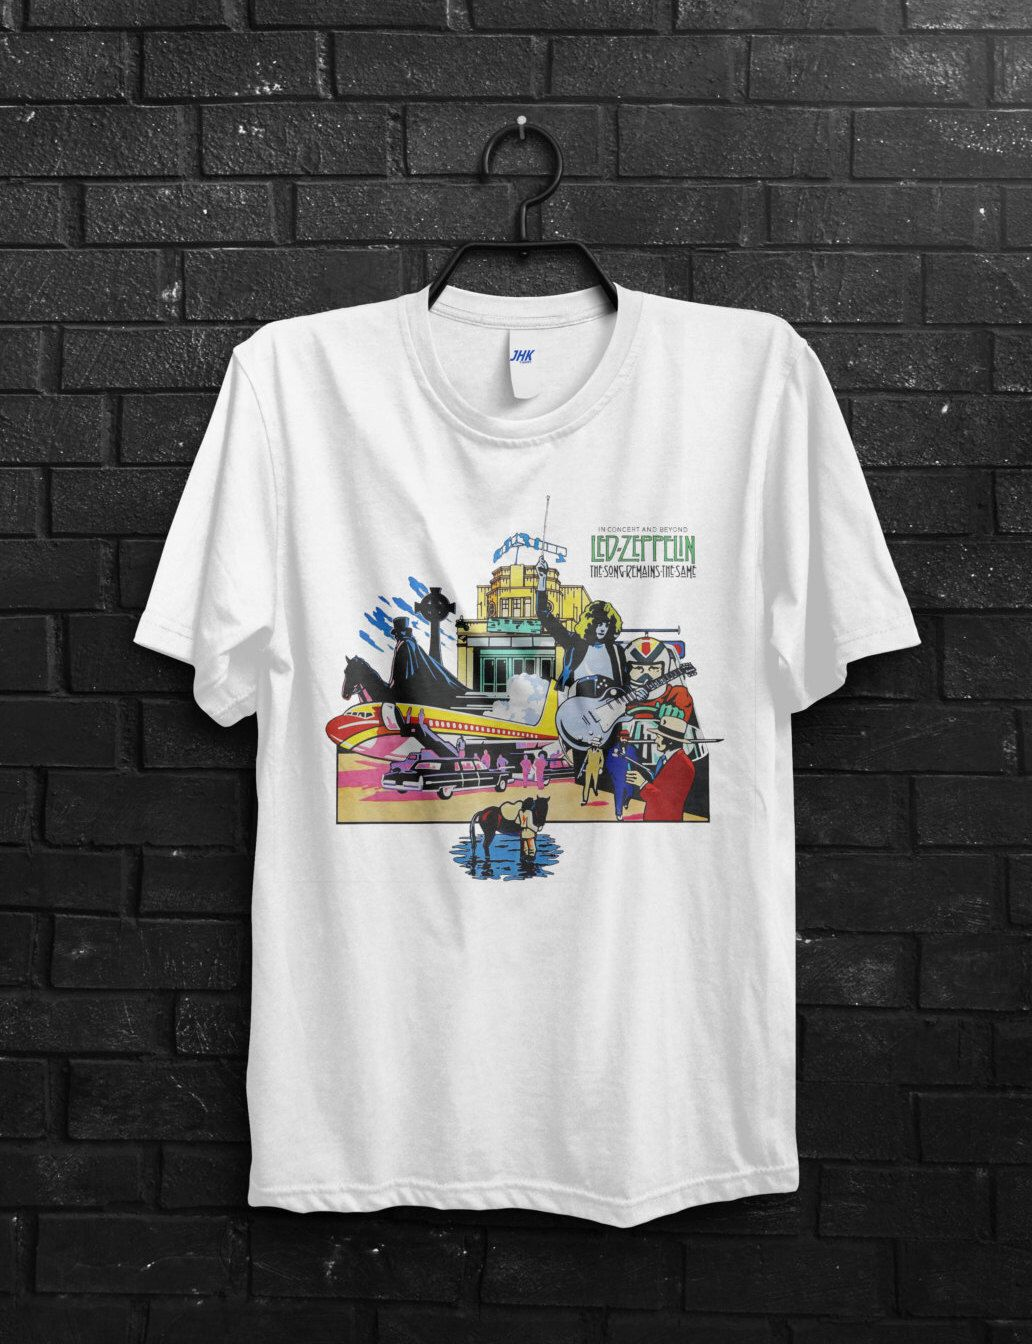 Black flag t shirt uk - Led Zeppelin Men T Shirt Japan Tour From Led Zeppelin Classic Rock